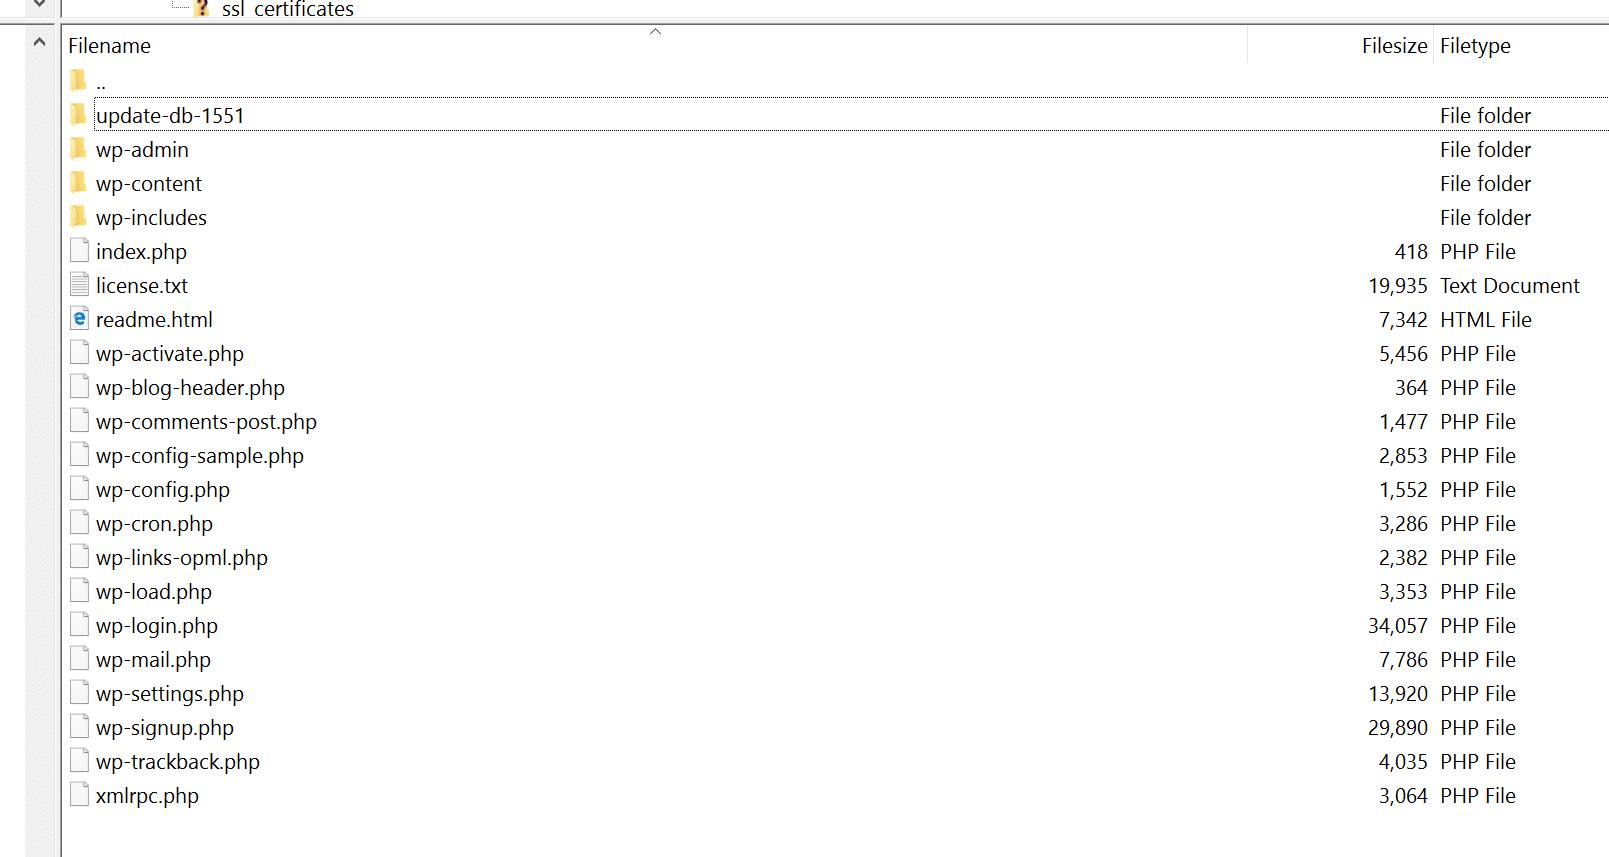 Combinar la búsqueda y reemplazar el script